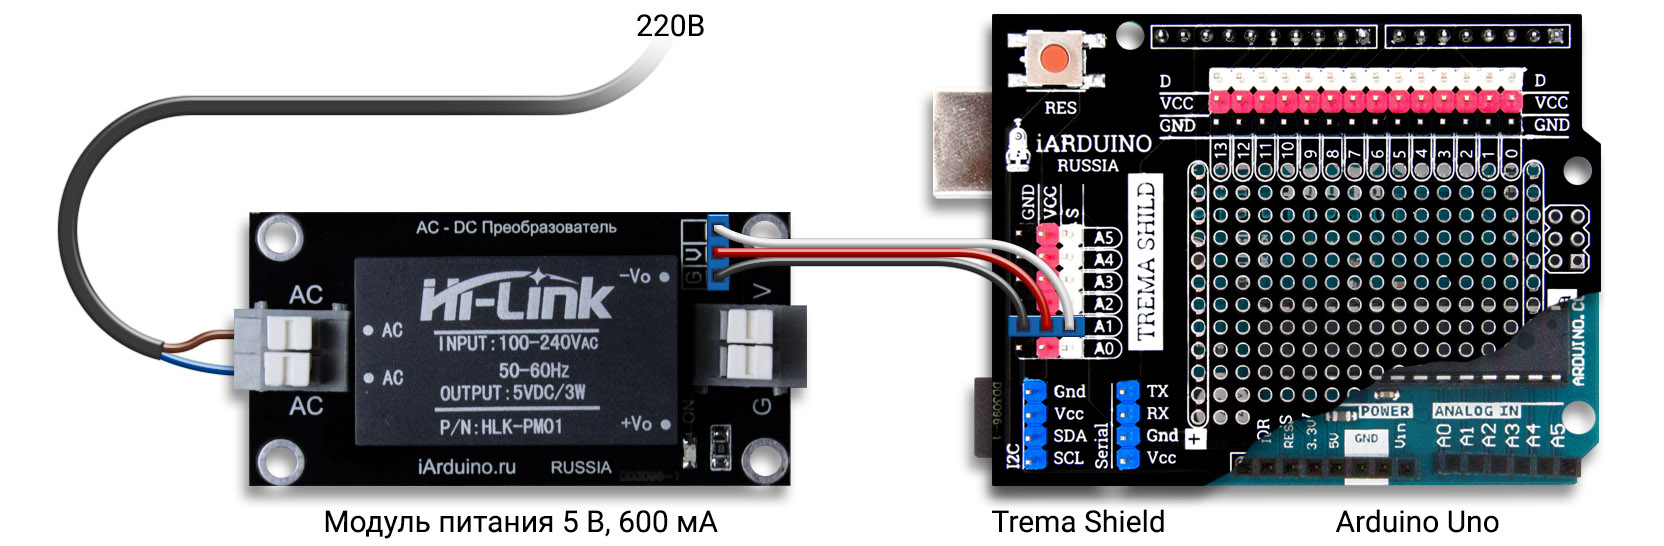 Схема подключения модуля питания к Arduino